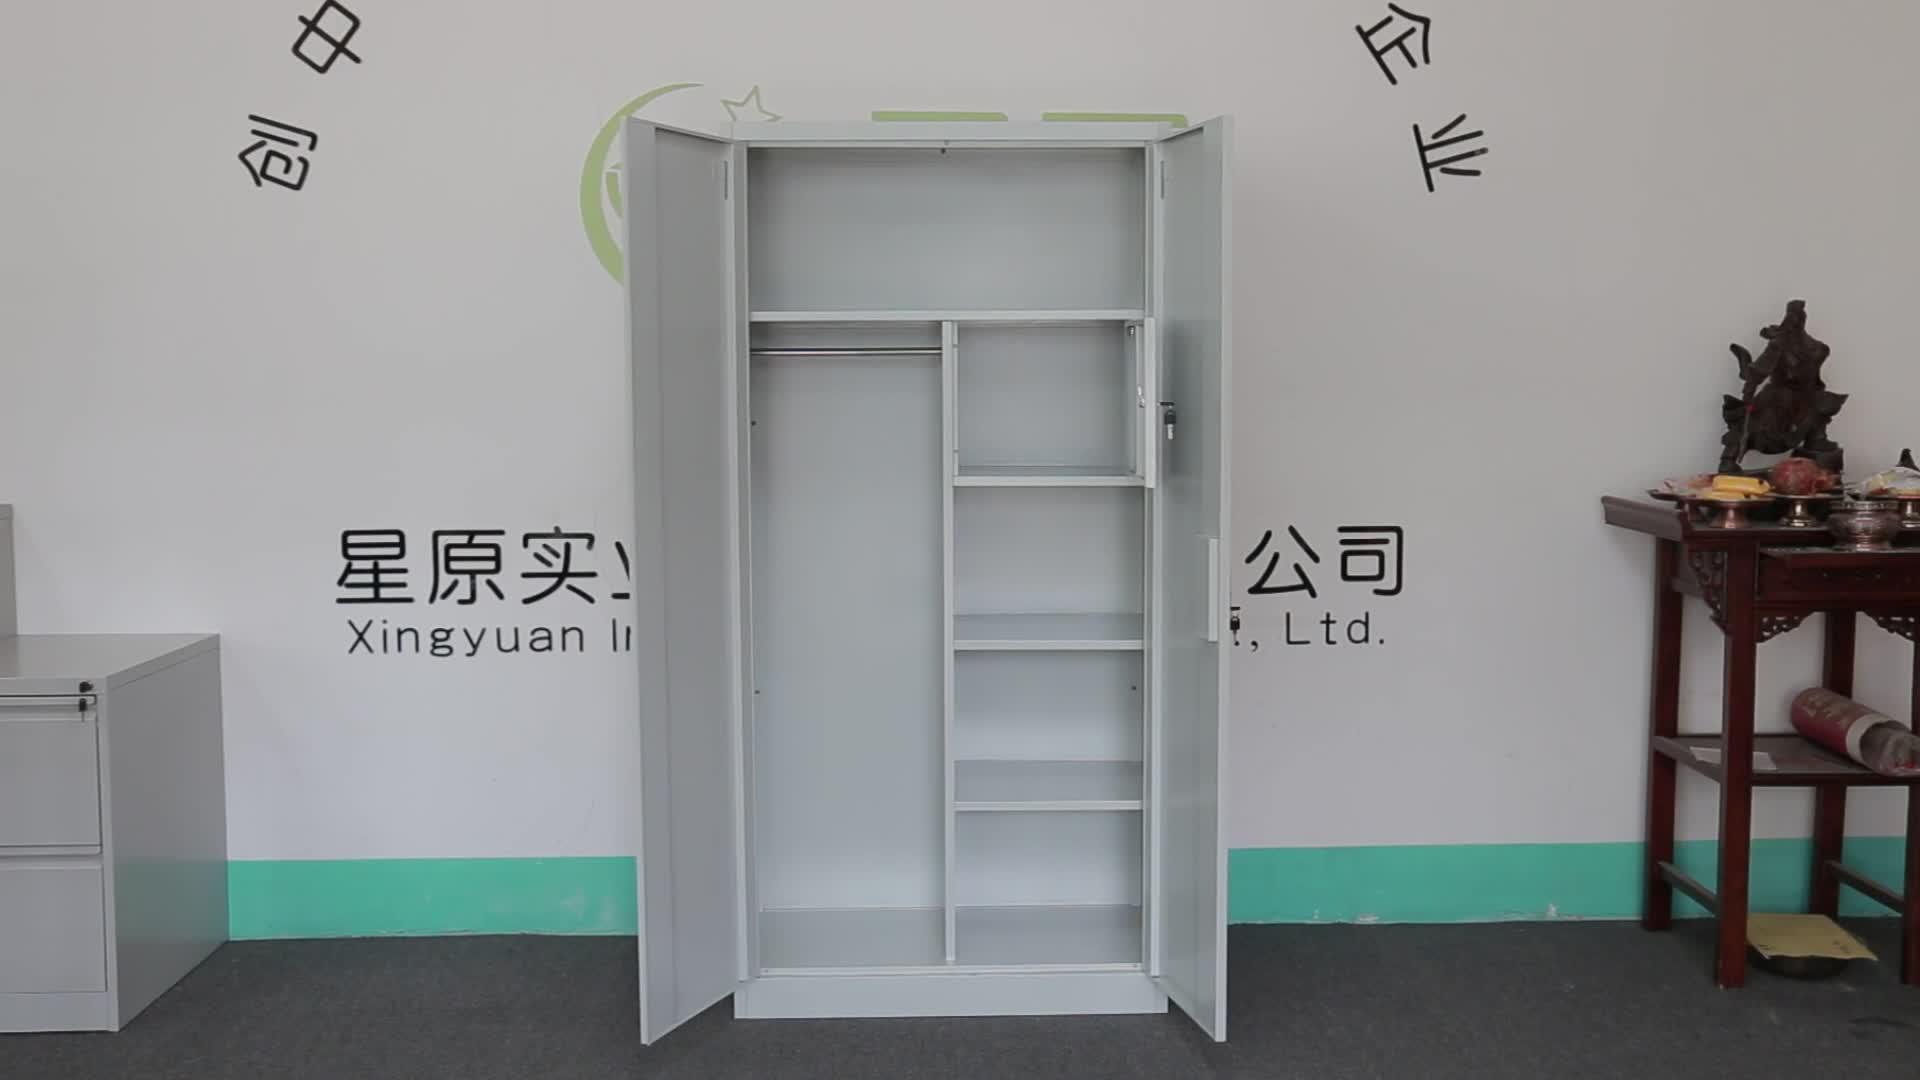 गोदरेज अलमारी डिजाइन फैक्टरी मूल्य के साथ खड़ी 2 दरवाजा स्टील अलमारी